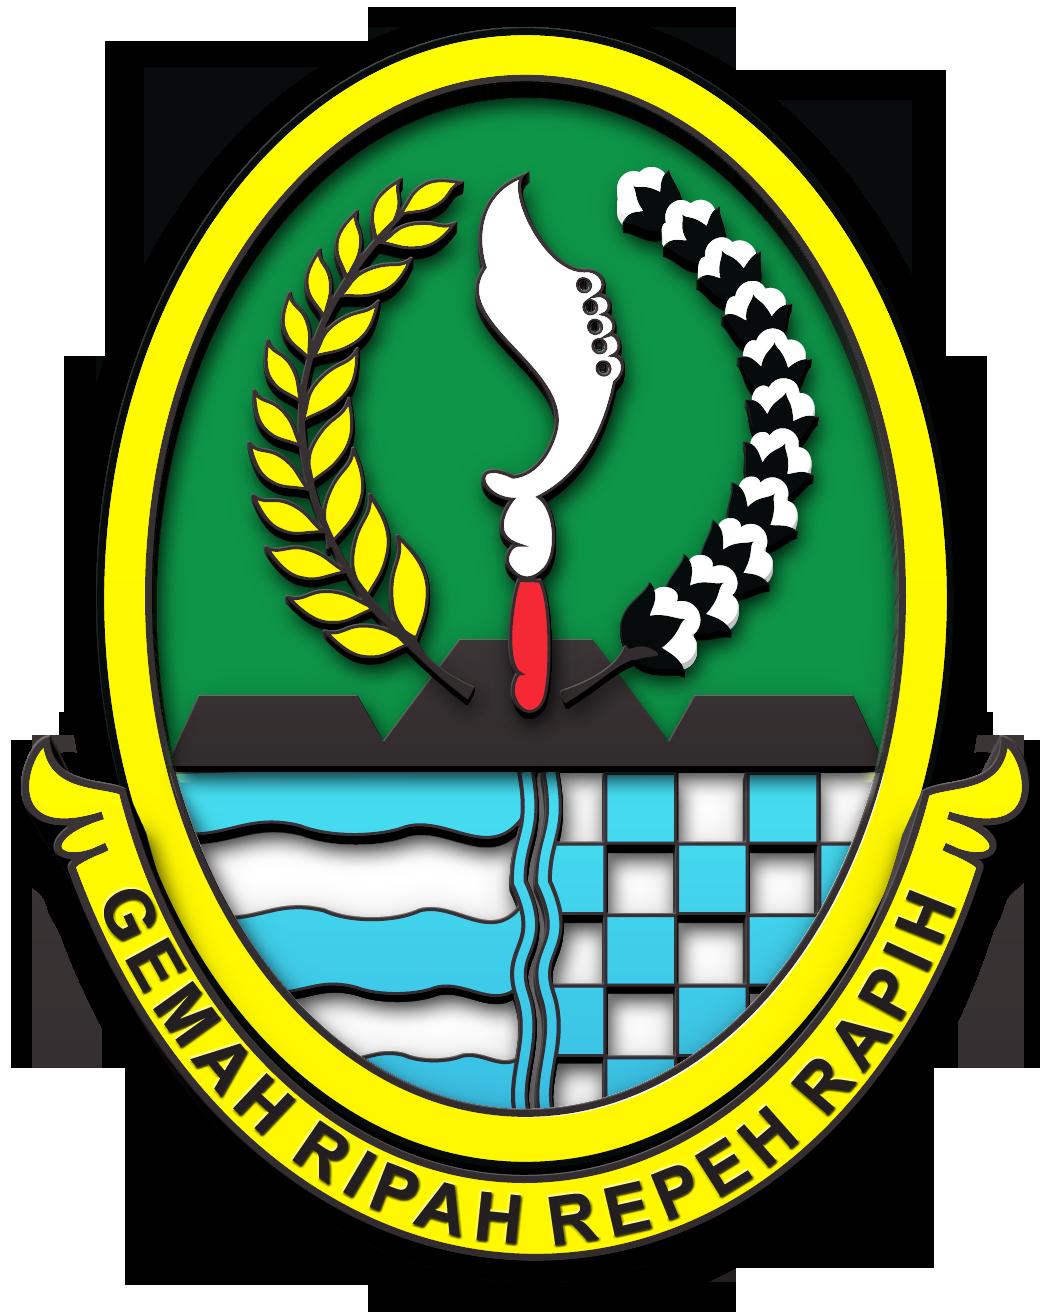 UPTD Pengelolaan Kebudayaan Daerah Jawa Barat.